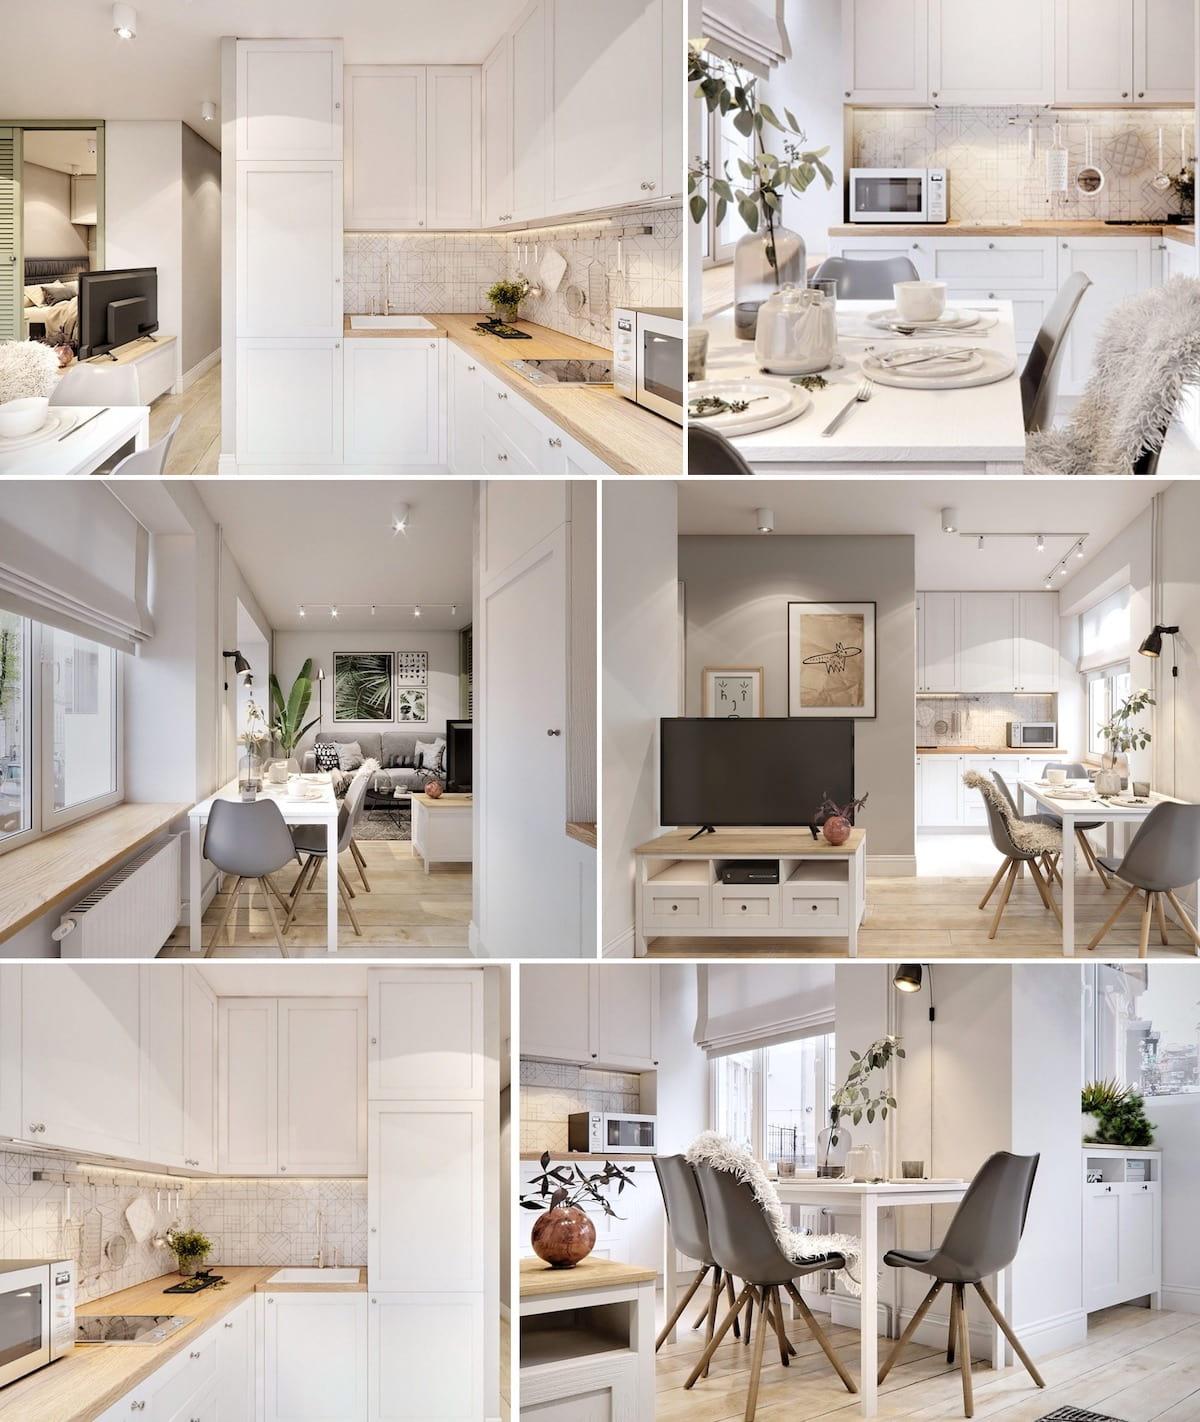 Белоснежную кухню в классическом стиле, где собираются все члены семьи за обедом, можно обустроить таким образом, что оно станет прекрасным дополнением интерьера